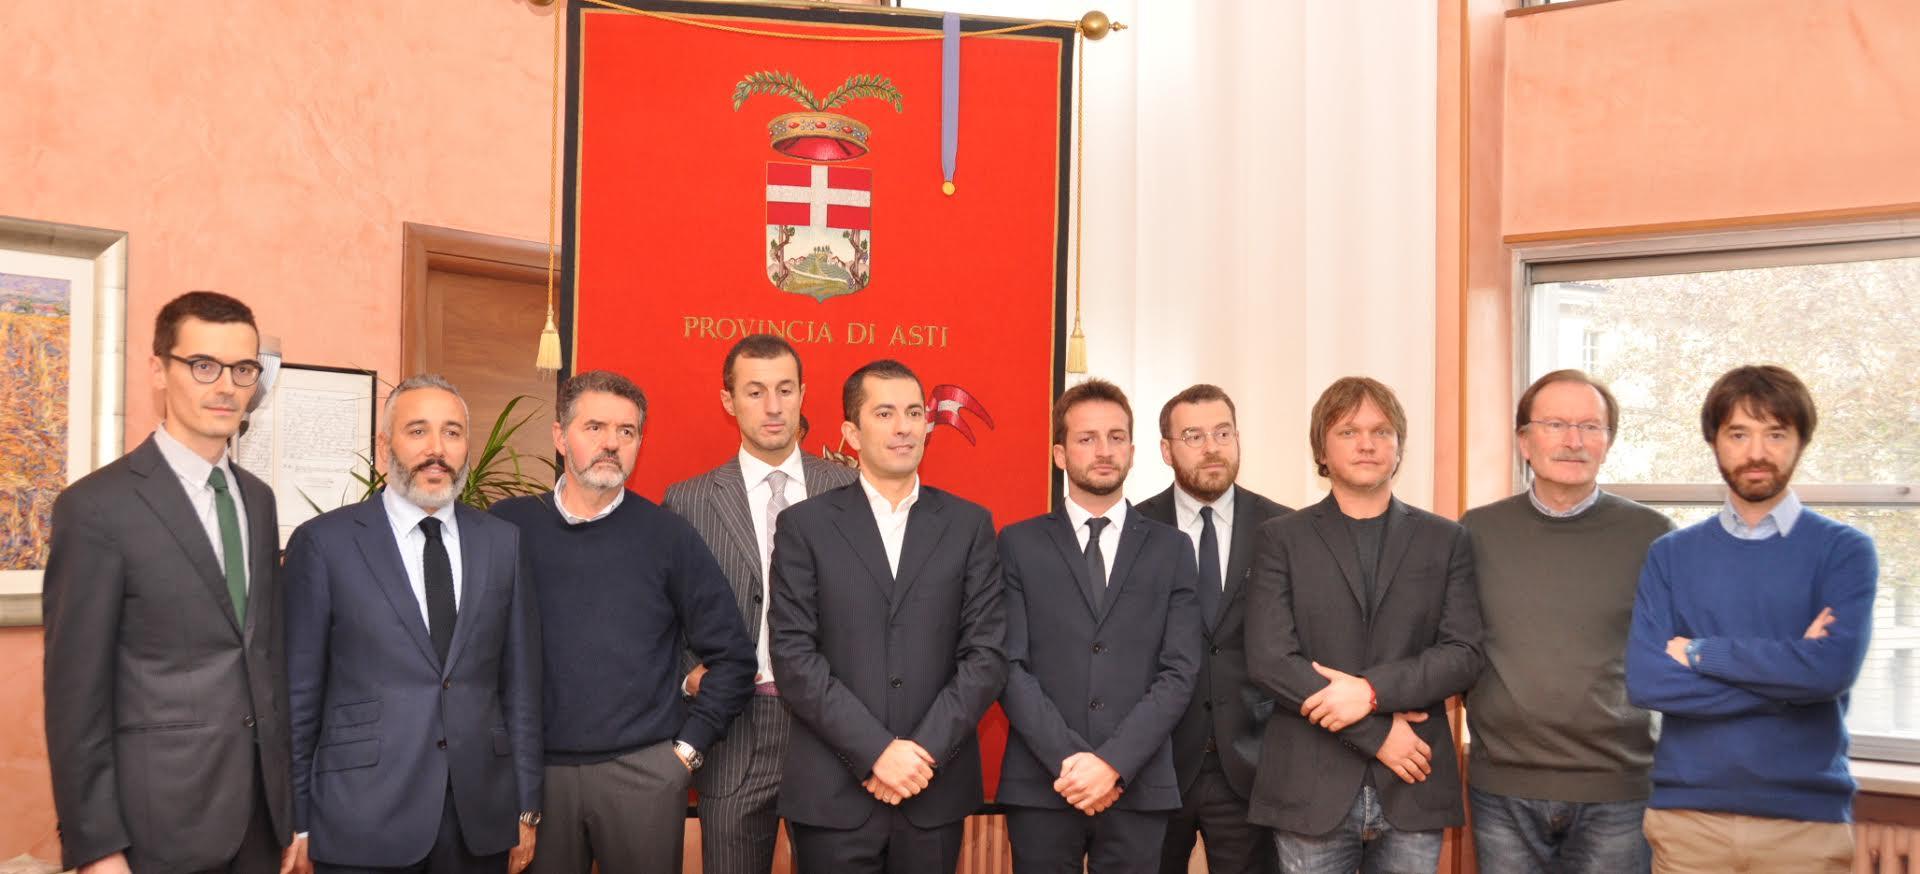 Ecco il nuovo consiglio provinciale dopo le elezioni amministrative di Asti